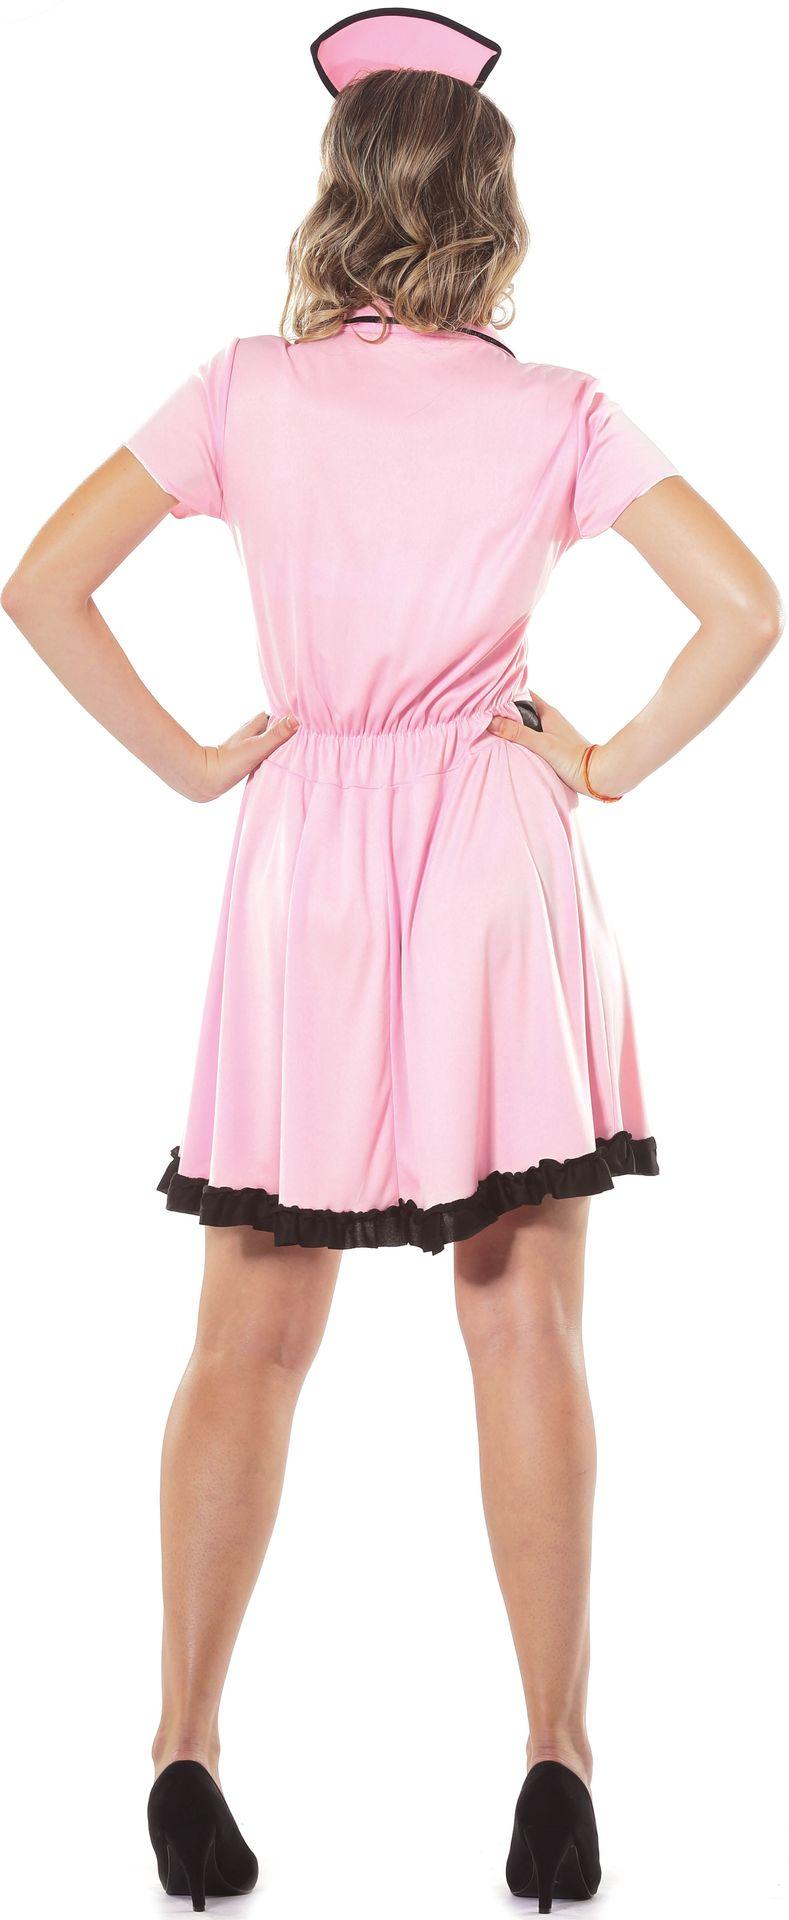 Jaren 50 kamermeisje jurk